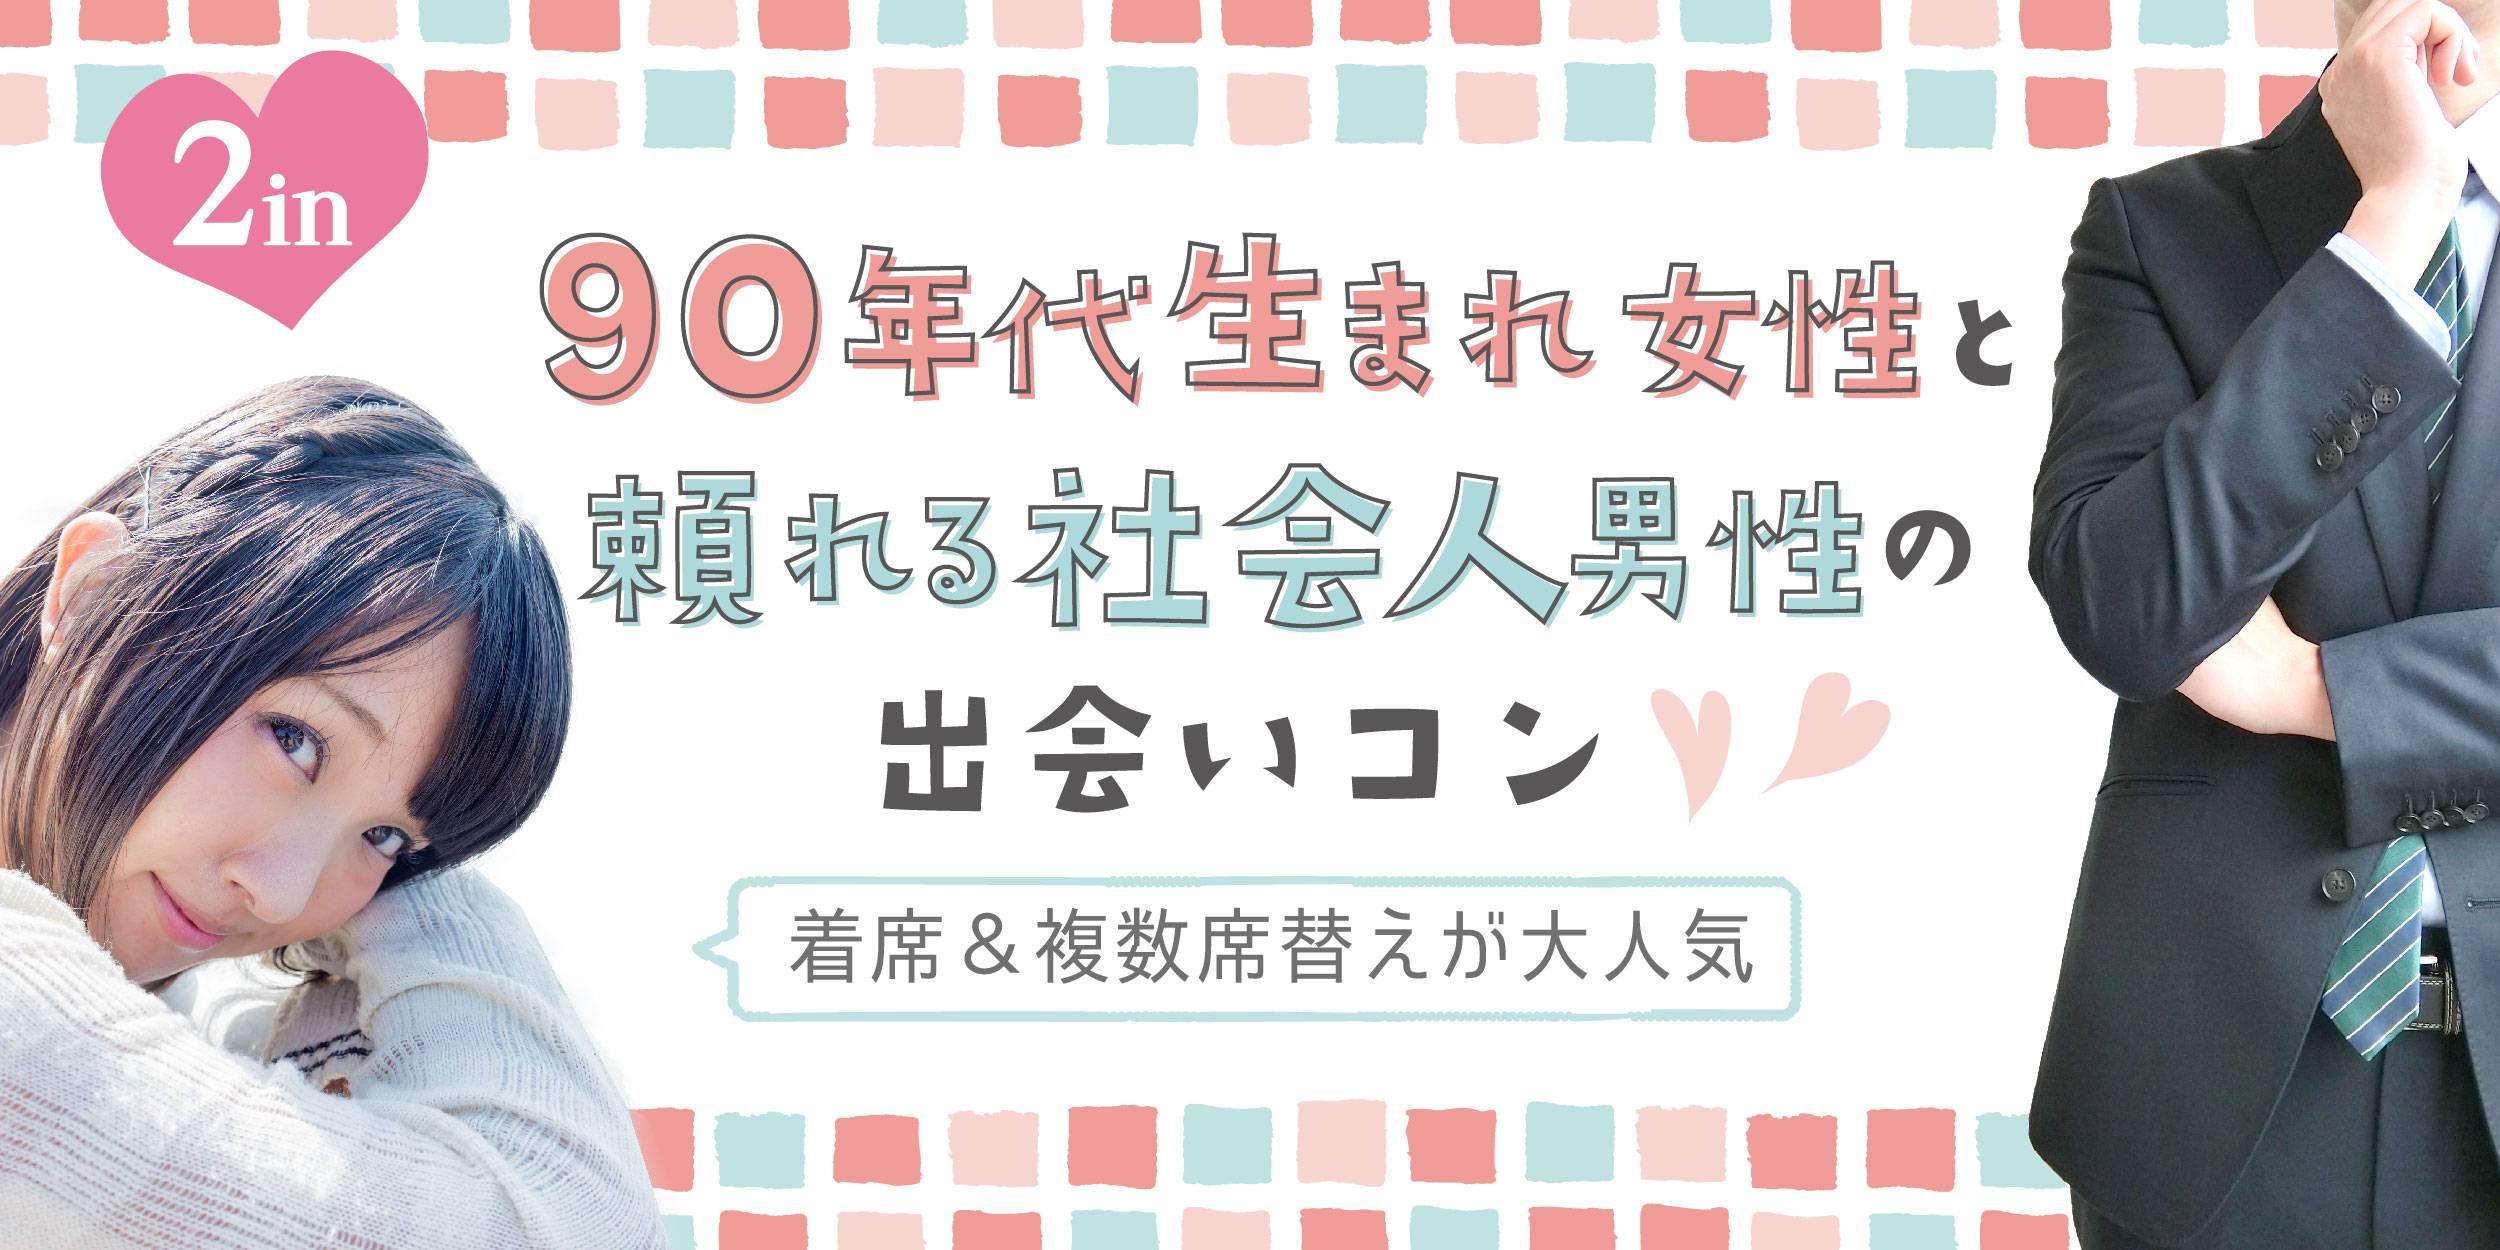 【倉敷のプチ街コン】合同会社ツイン主催 2017年10月29日